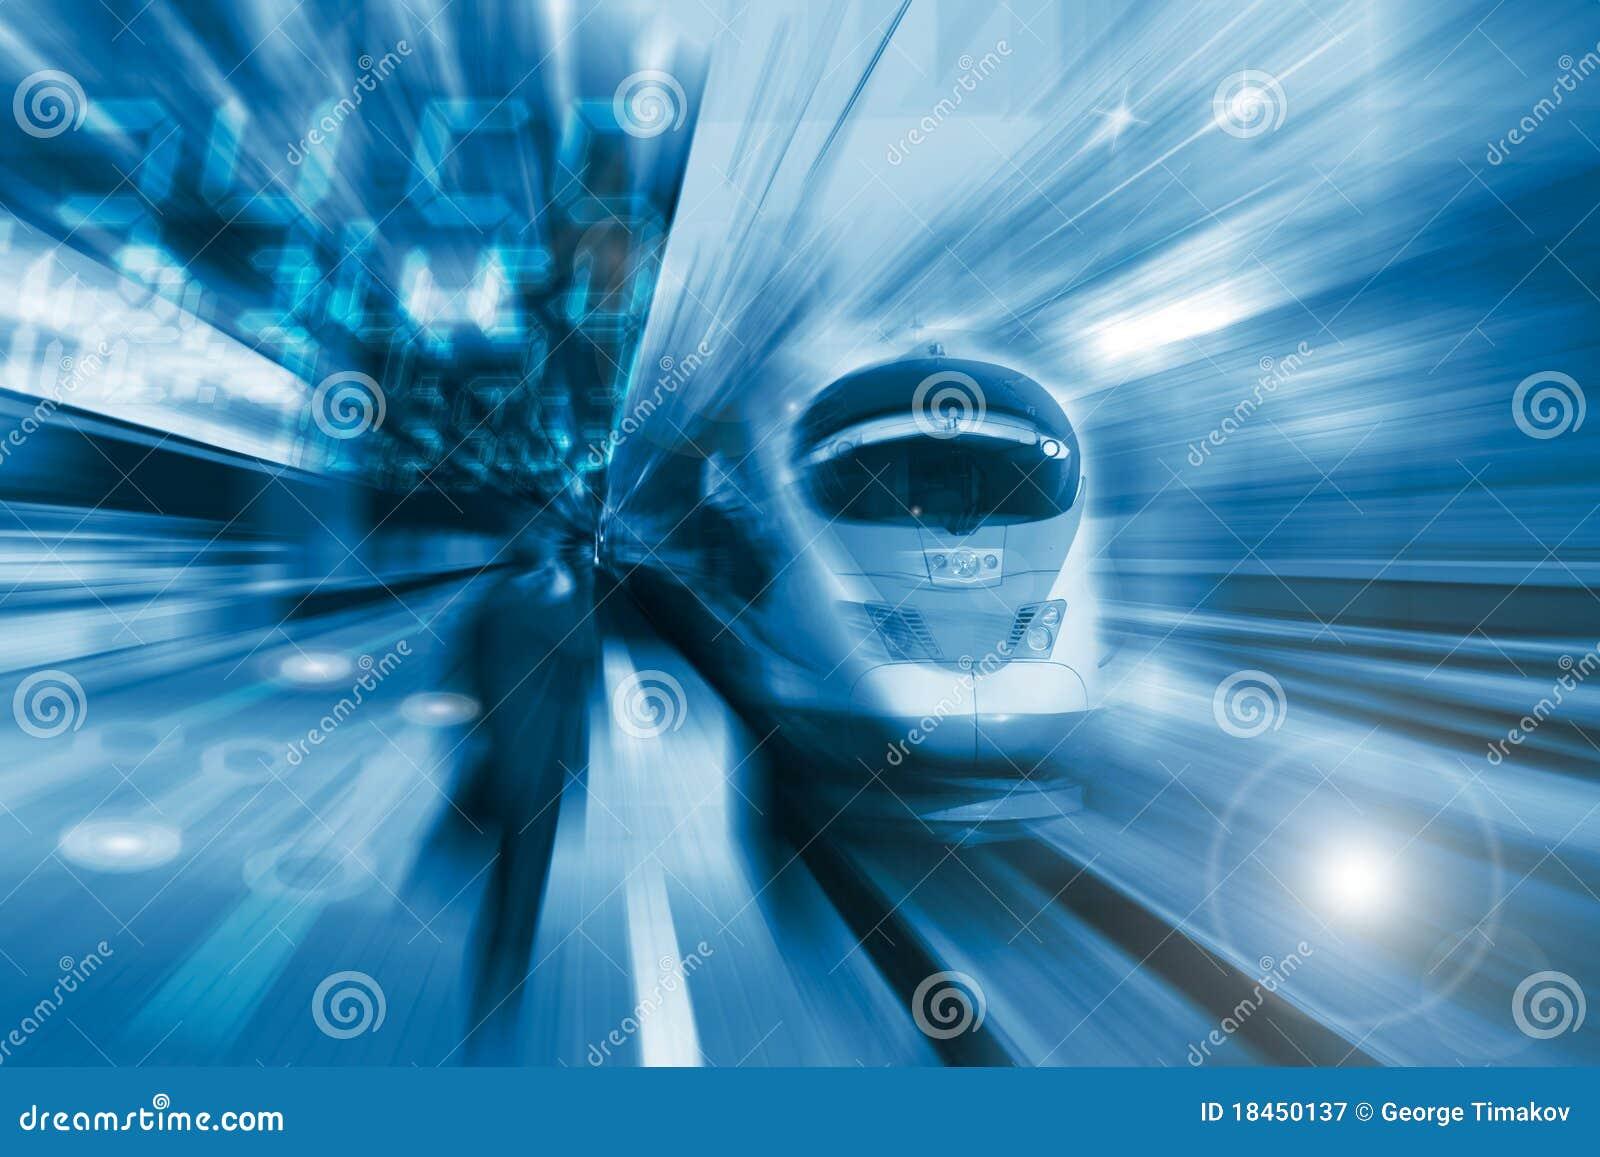 O trem de alta velocidade com borrão de movimento